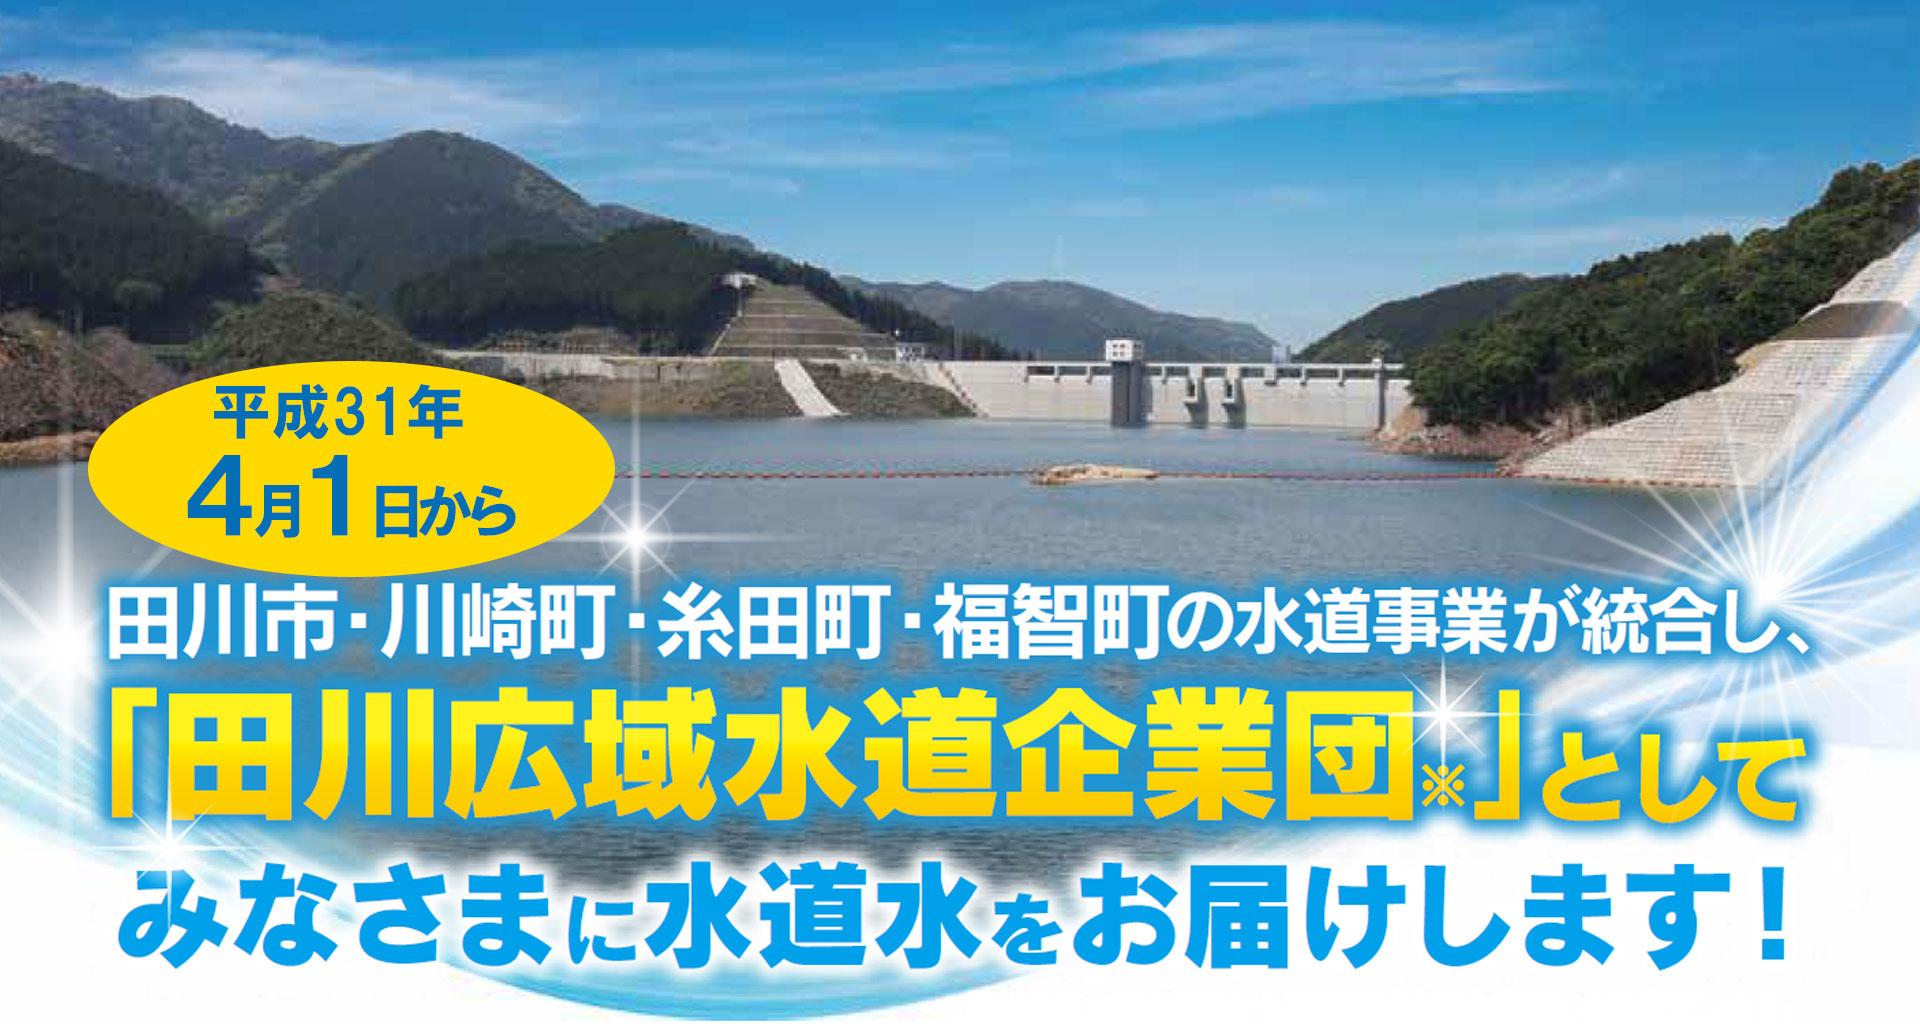 田川広域水道企業団がみなさまに水道水をお届けします